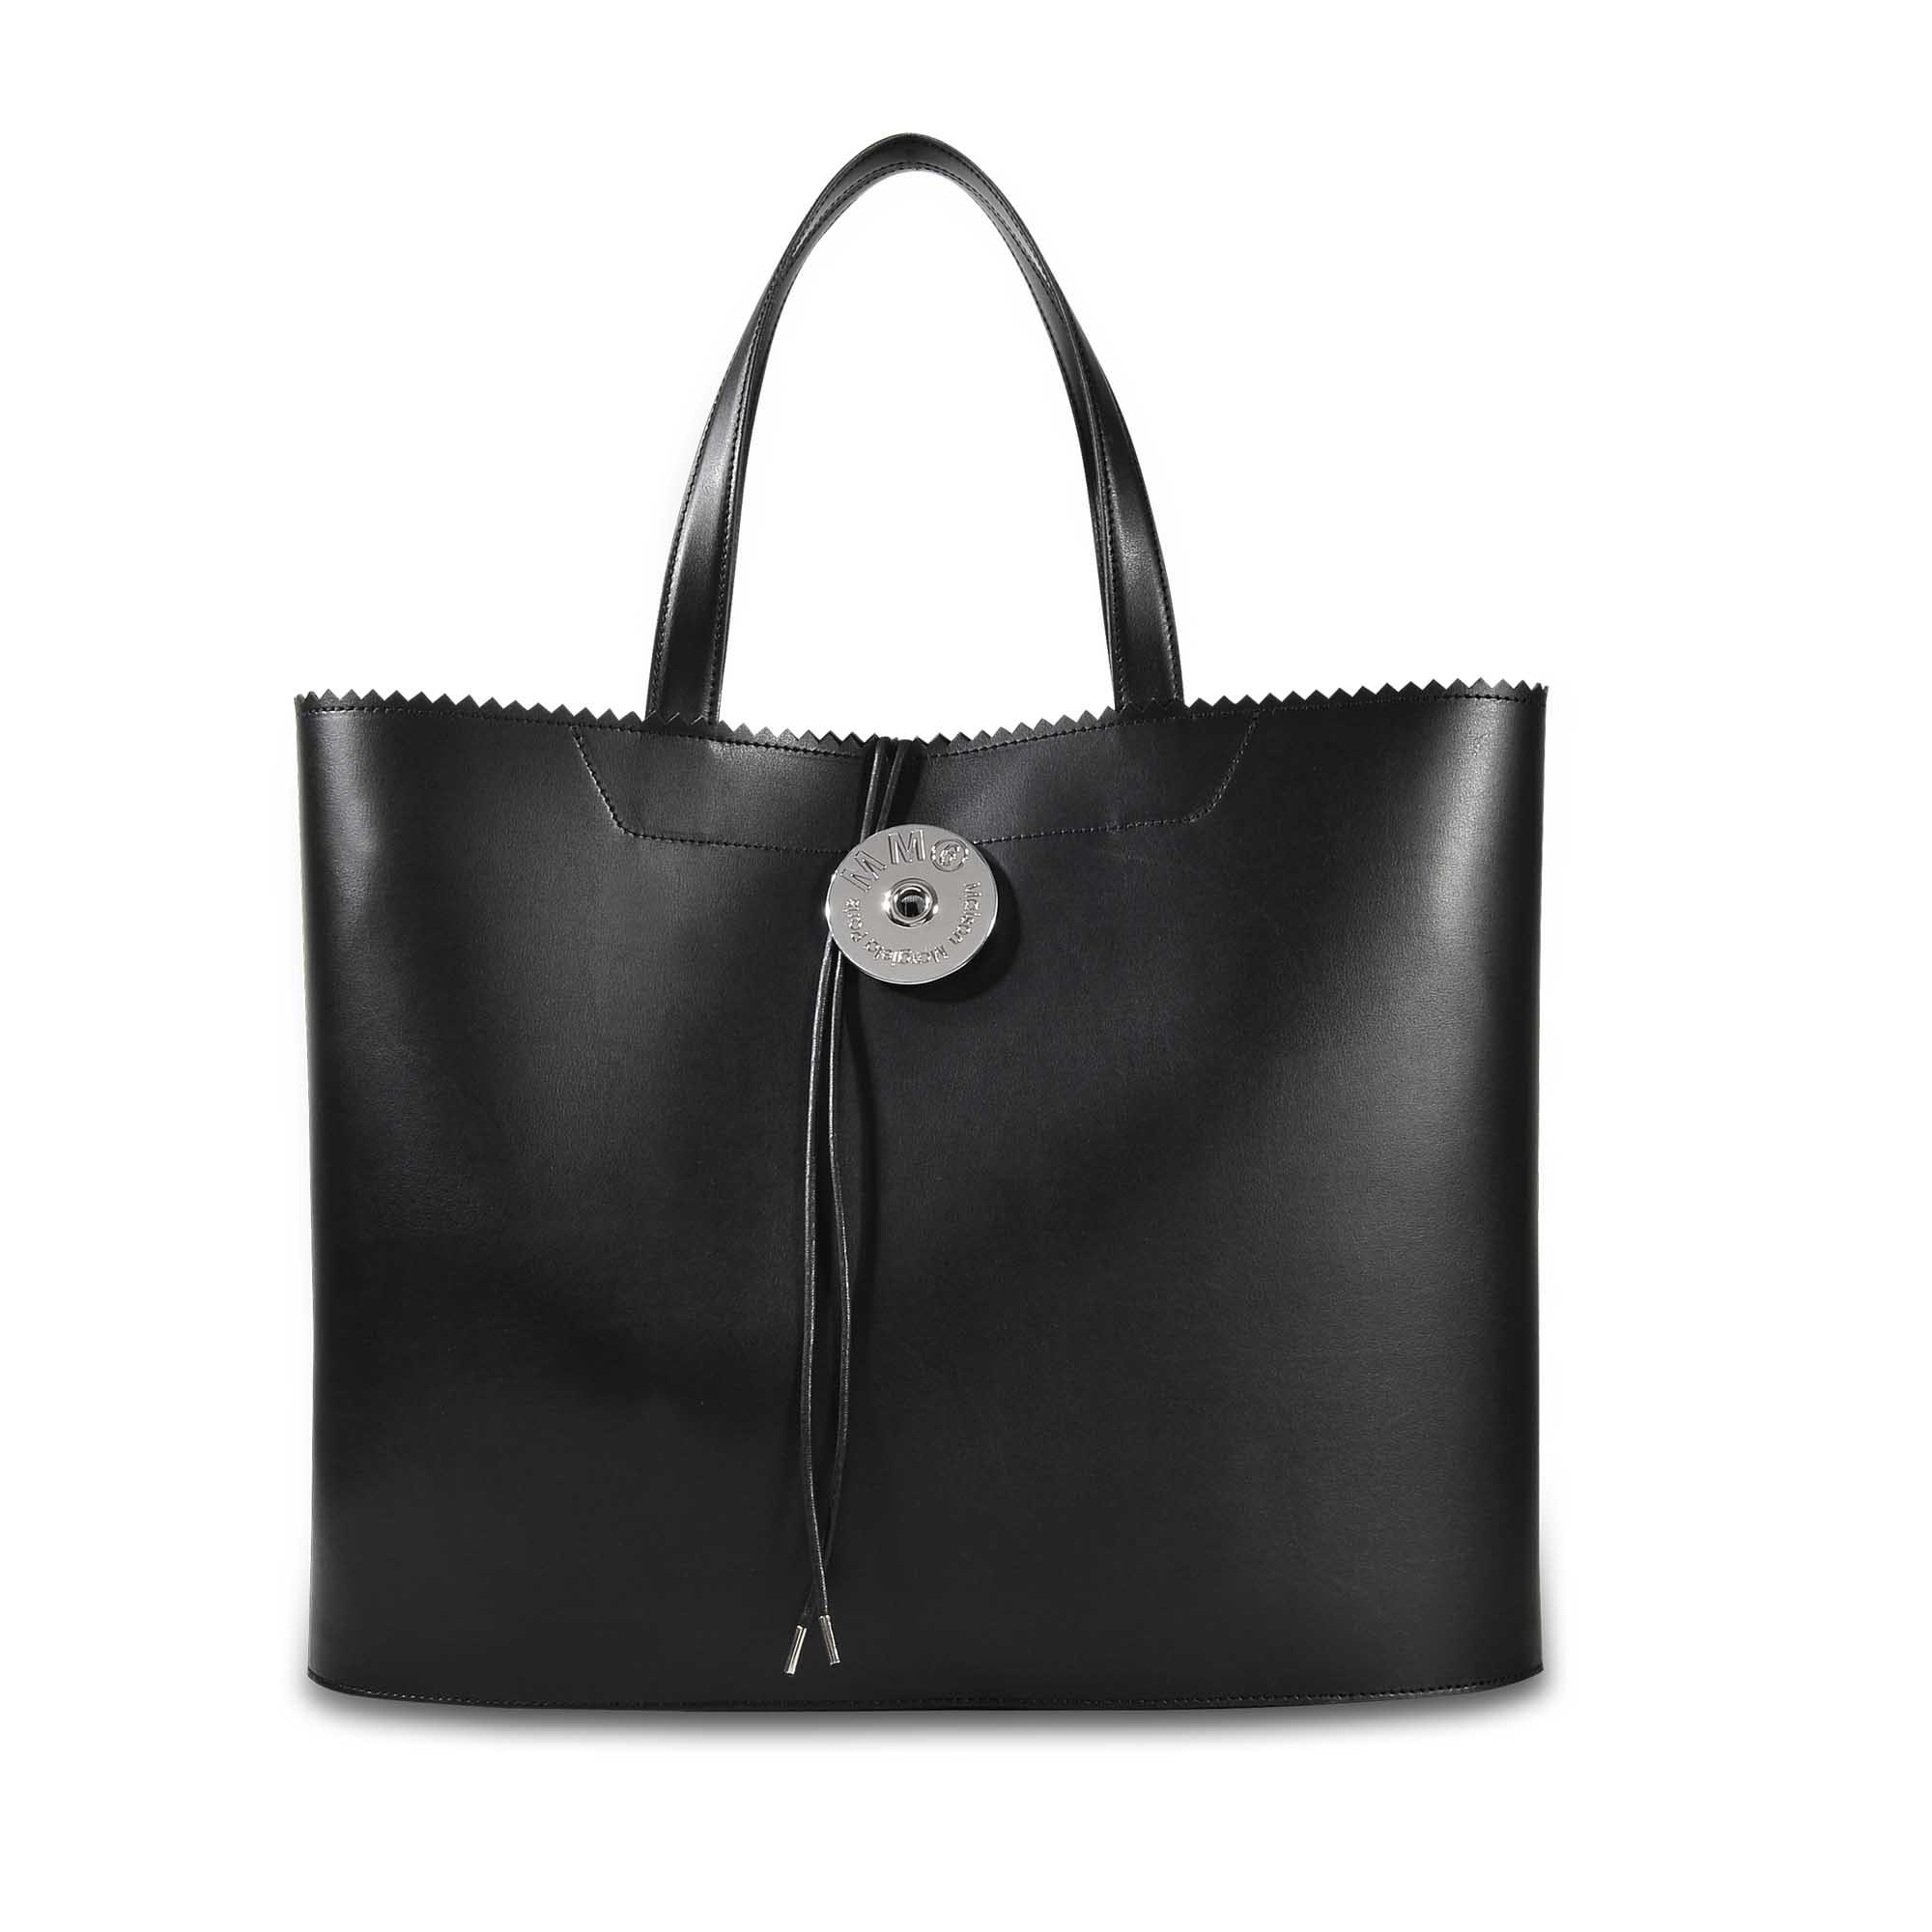 Large Shopper Bag in Black Calfskin Maison Martin Margiela zkyxkK